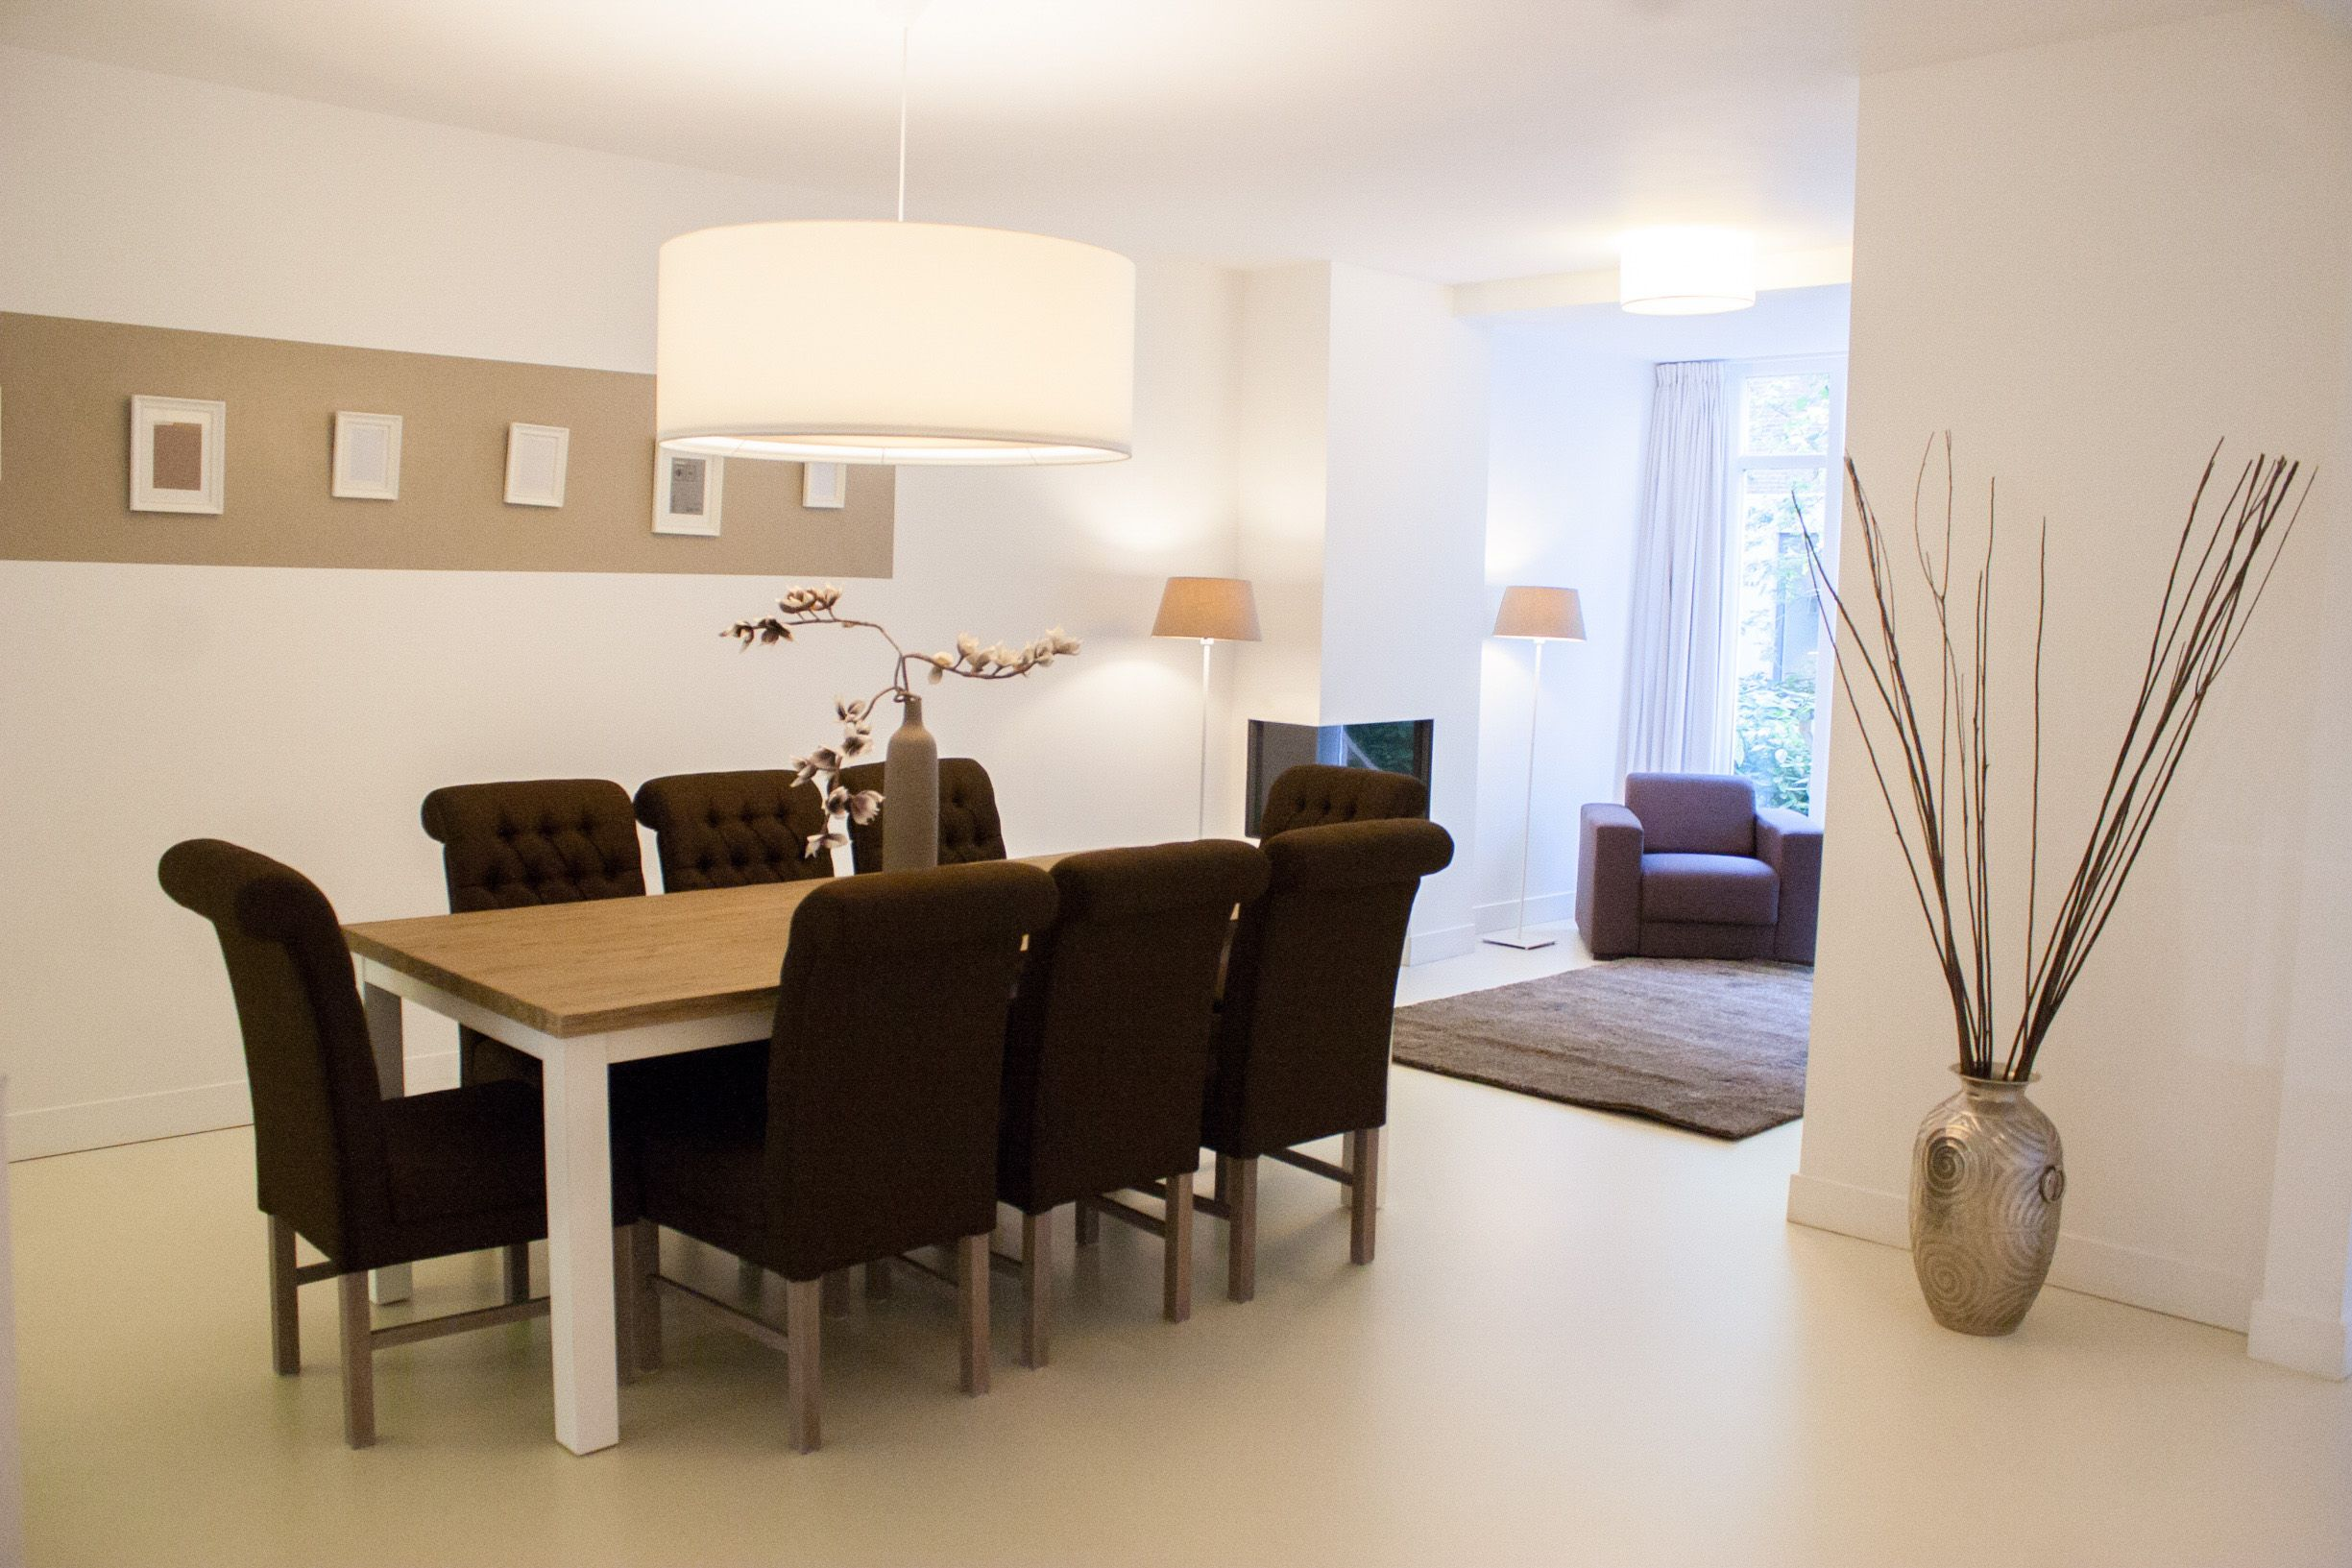 Meubel Verhuur. Furniture Rental. Expat housing. Interieur verhuur ...